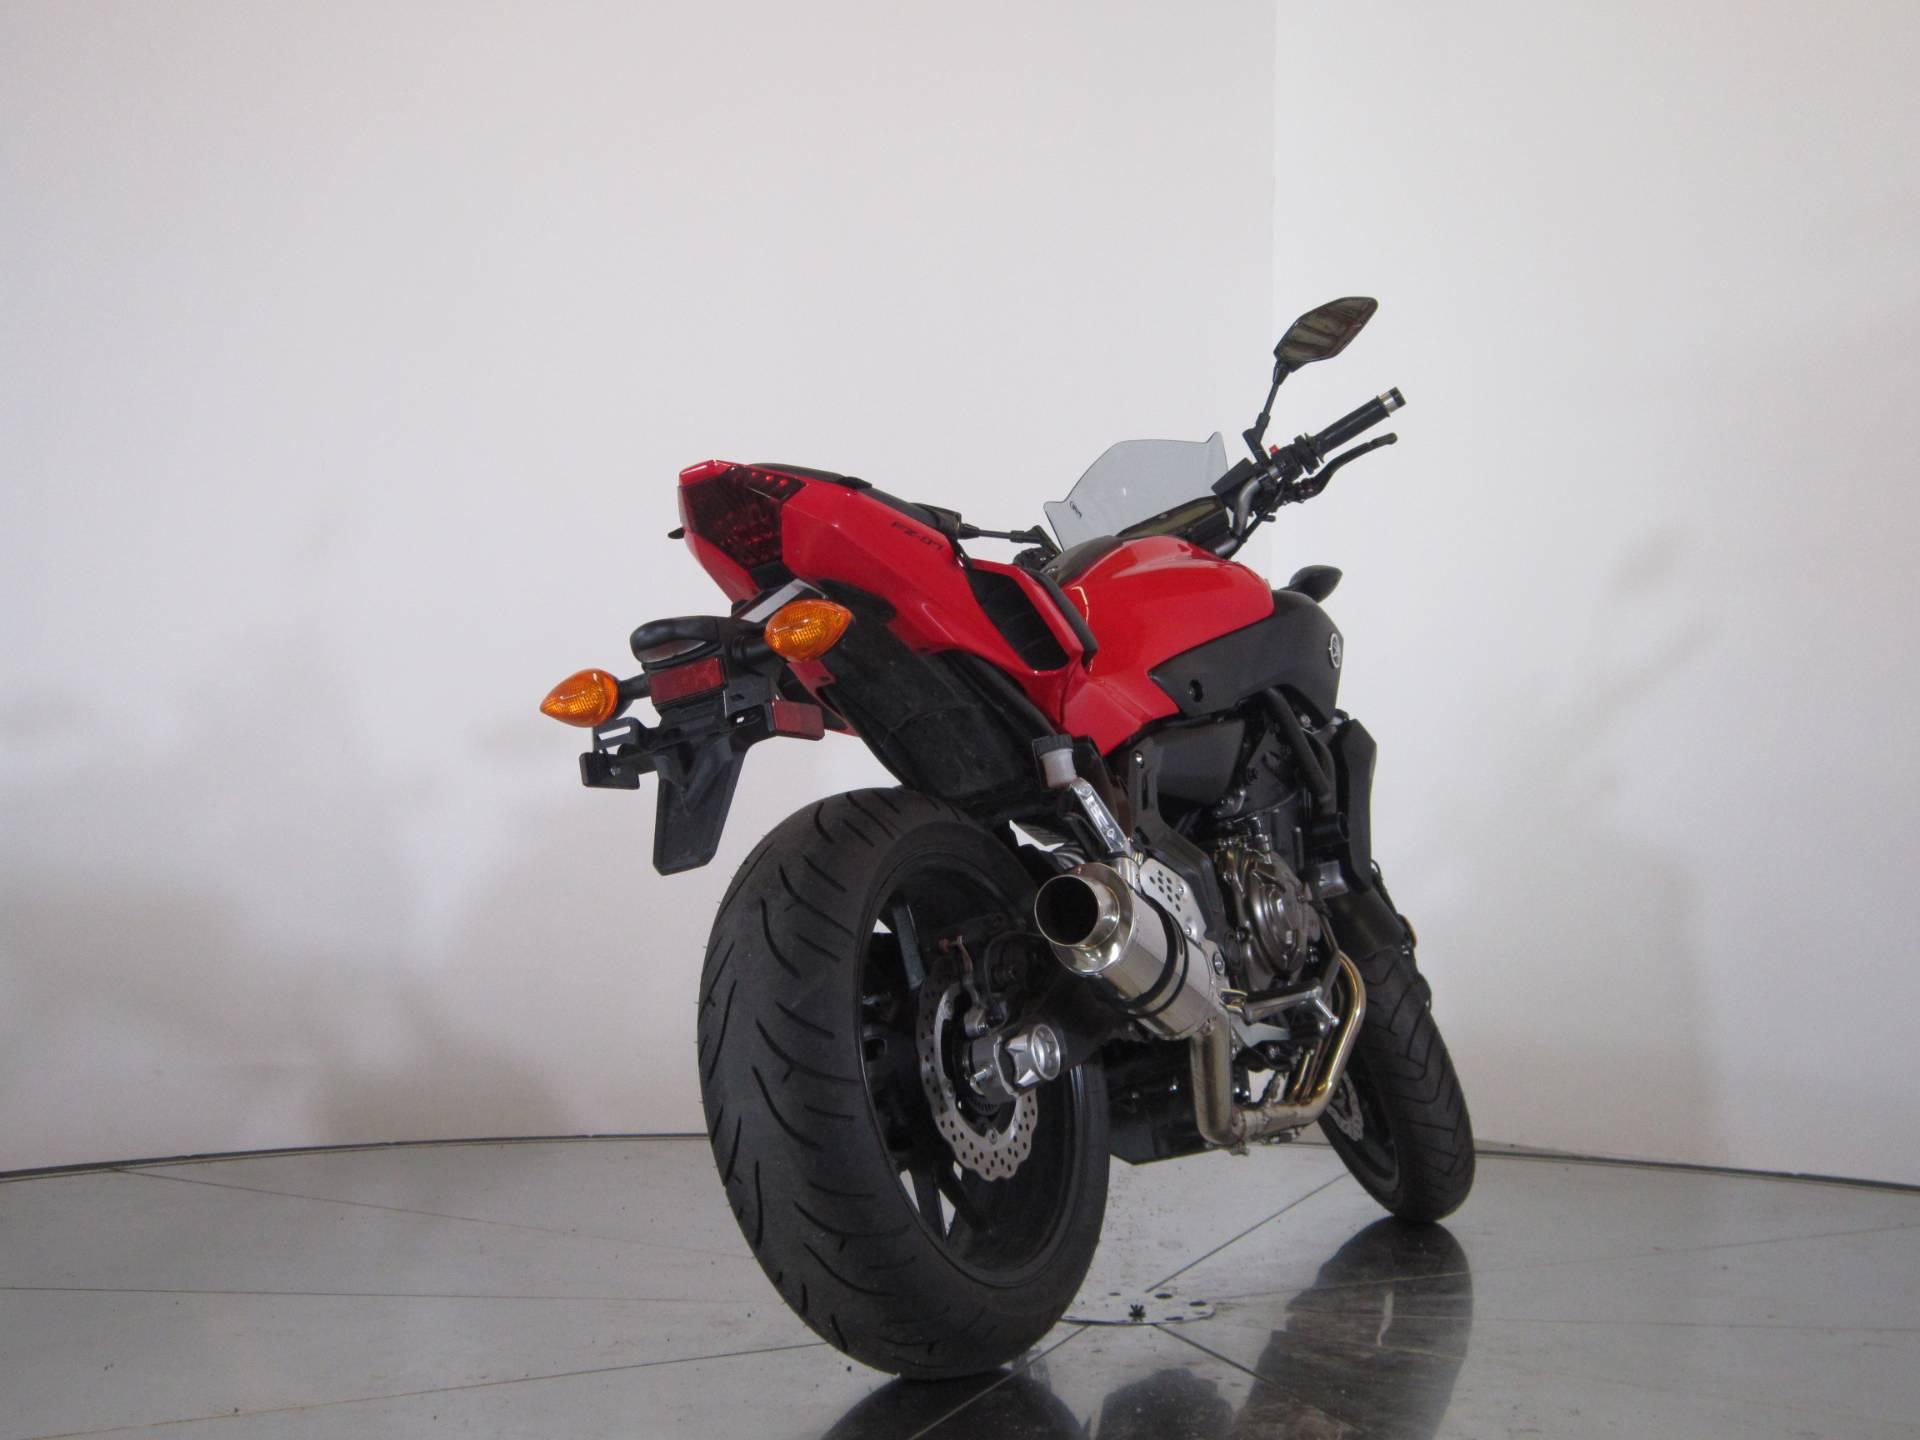 2017 Yamaha FZ-07 8